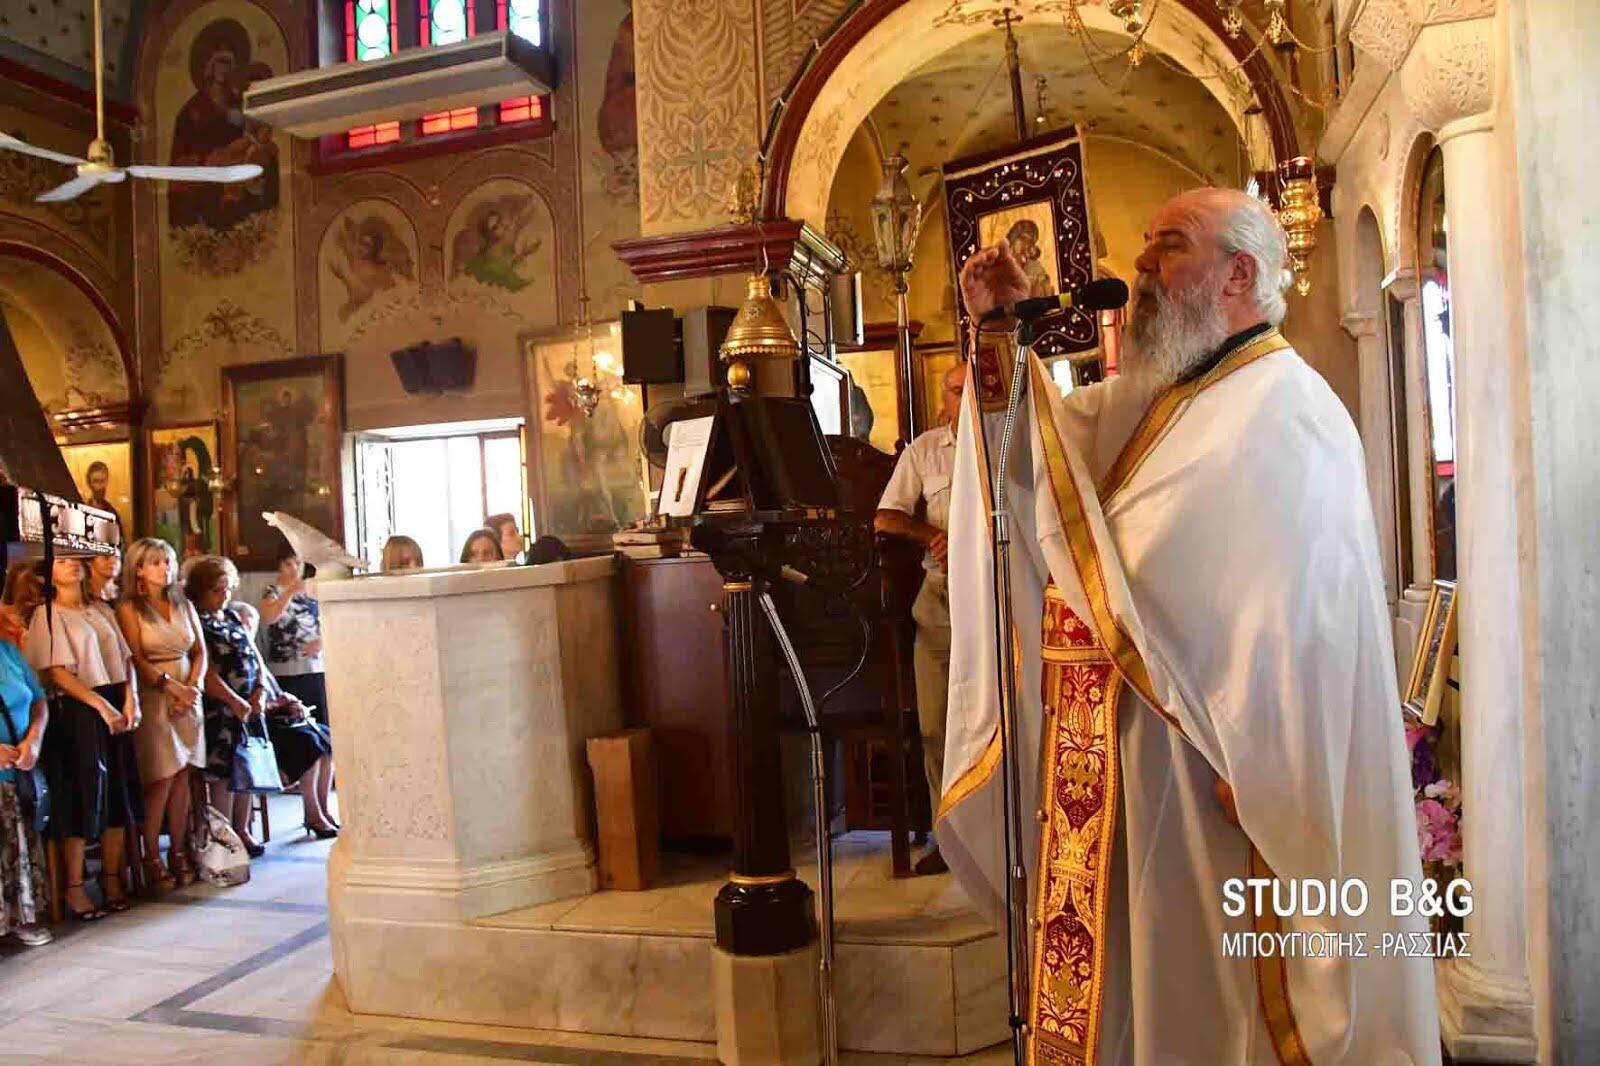 Μητρόπολη Αργολίδος: Μνημόσυνο υπέρ αναπαύσεως των Ιερέων, κτητόρων του Ιερού Ναού της Νέας Κίου